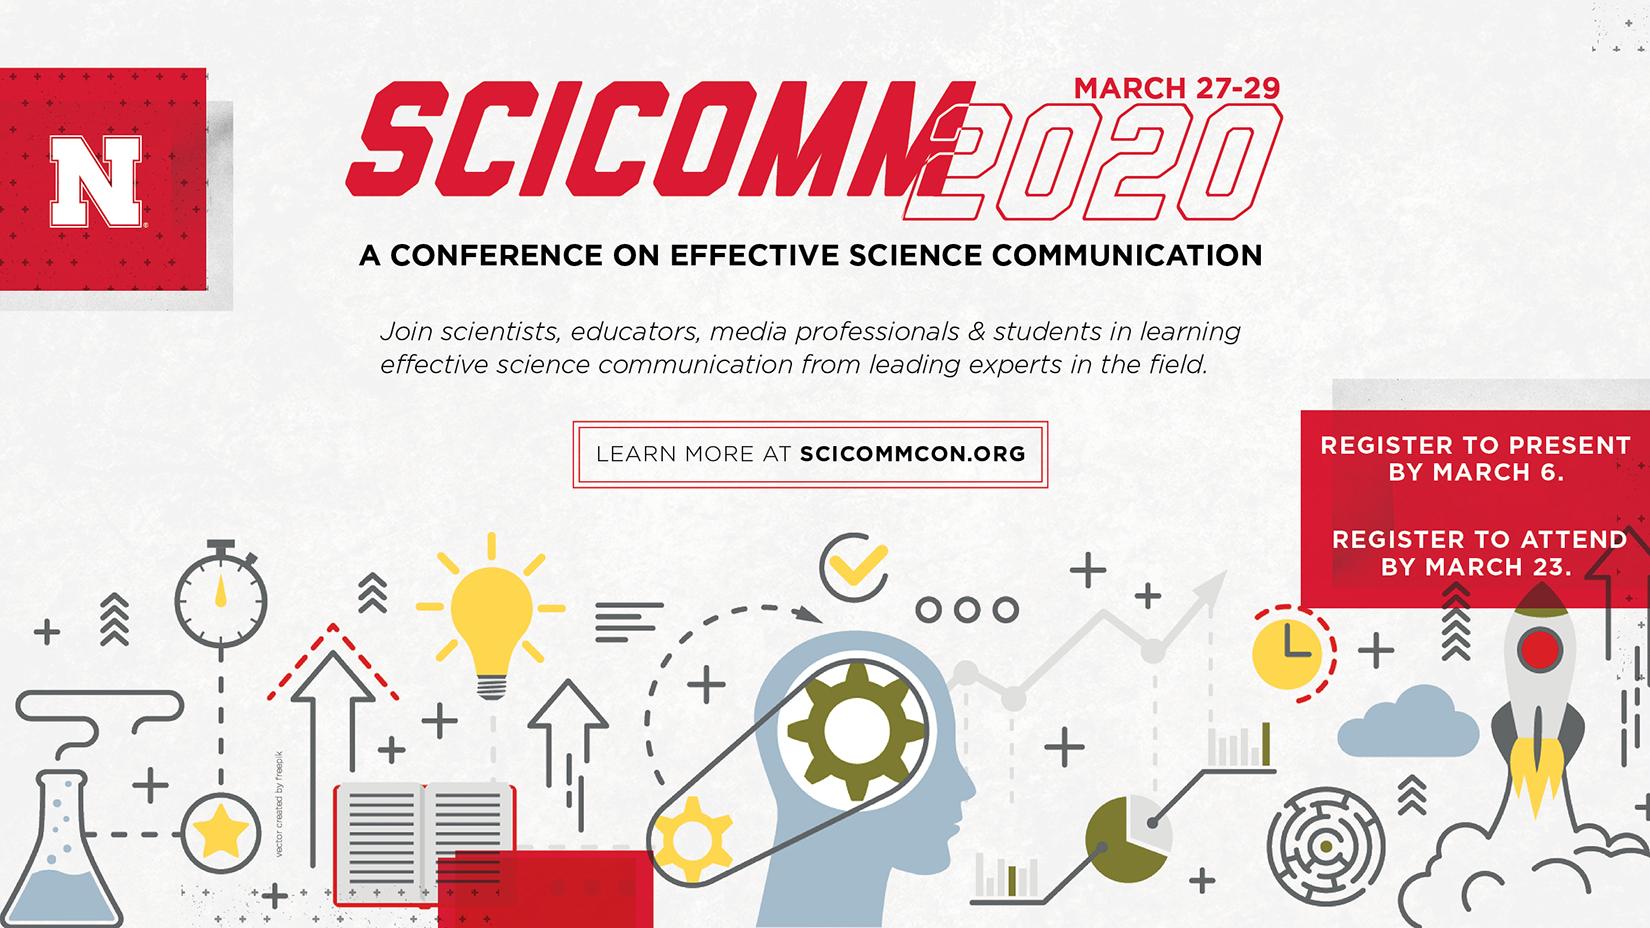 SciComm 2020